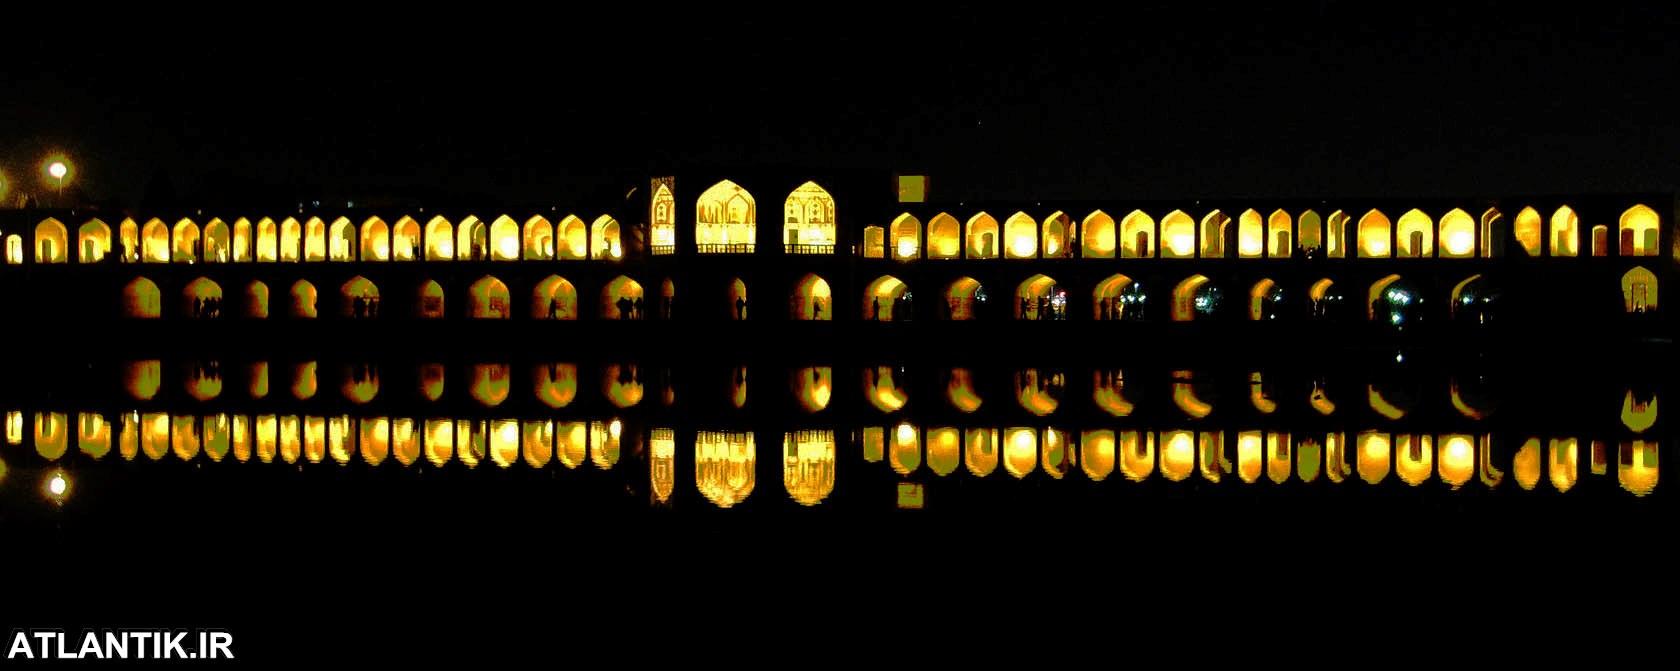 شب های پل خواجو اصفهان